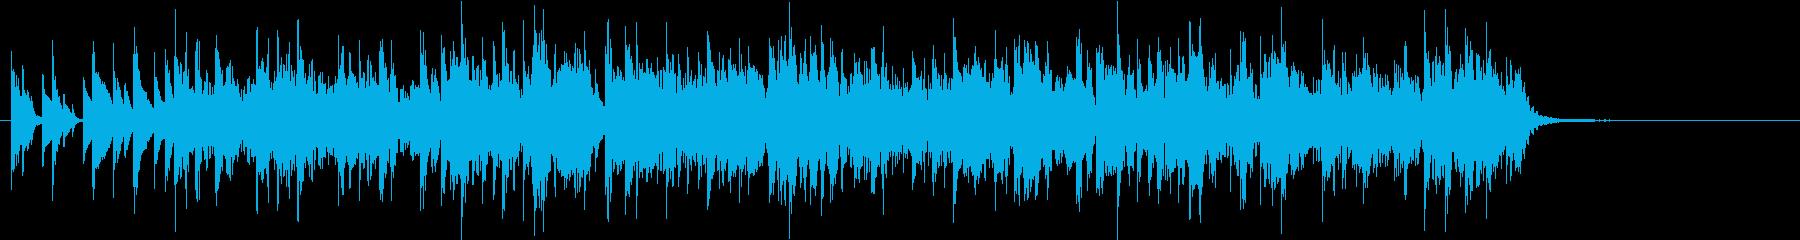 ジングル ワブルベース、EDM、トランスの再生済みの波形